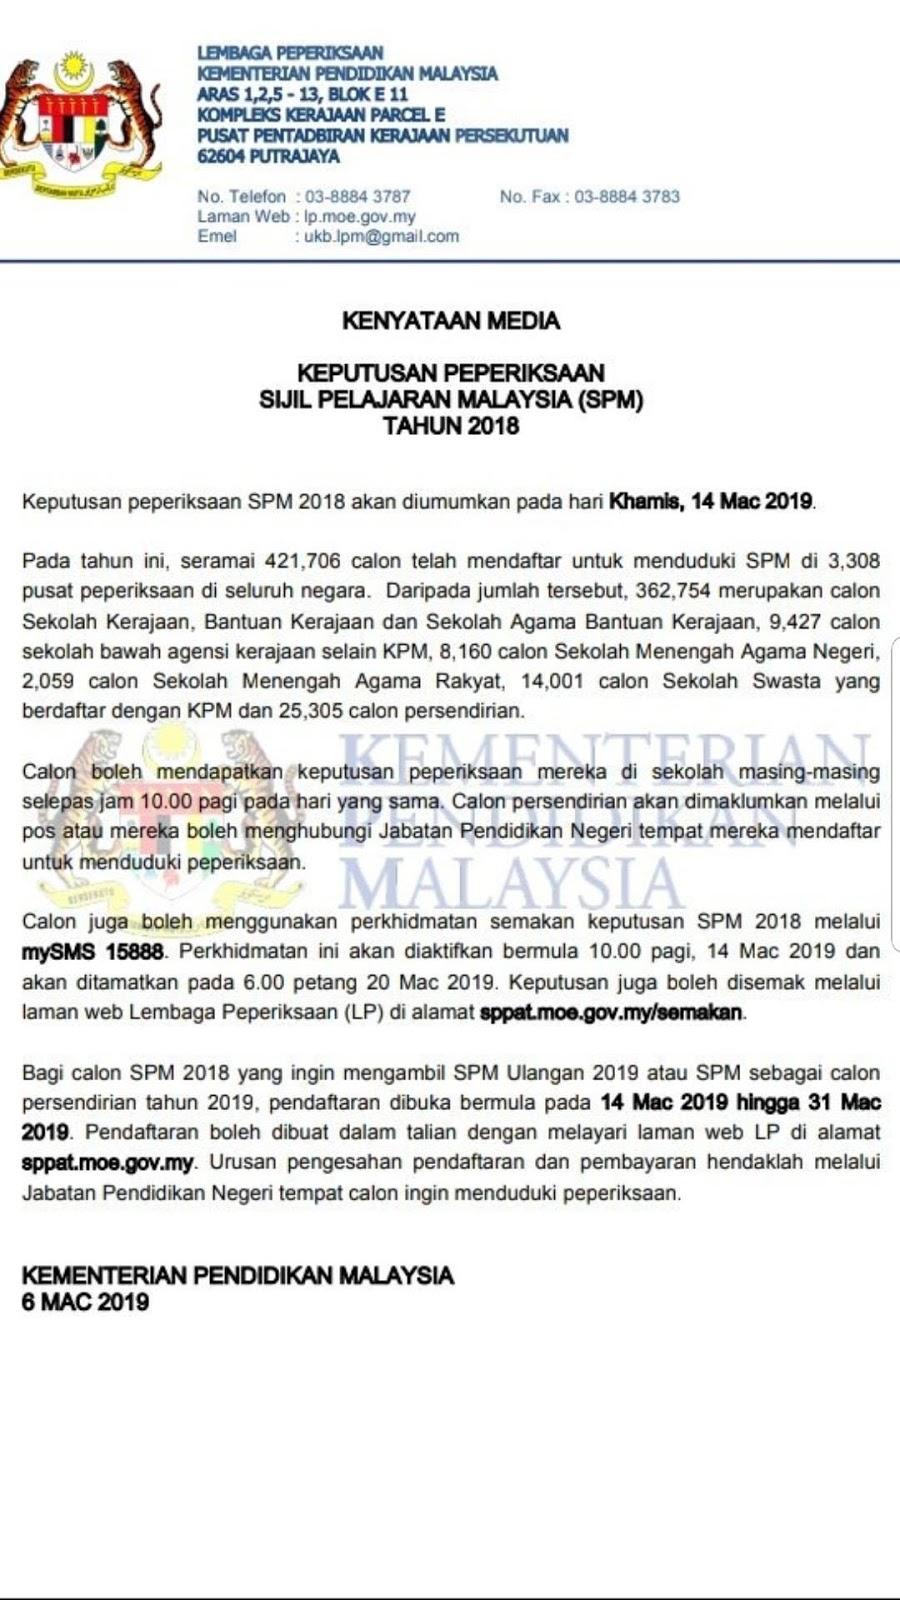 Jommasukipt 14 Mac 2019 Tarikh Keramat Utk Lepasan Spm 2018